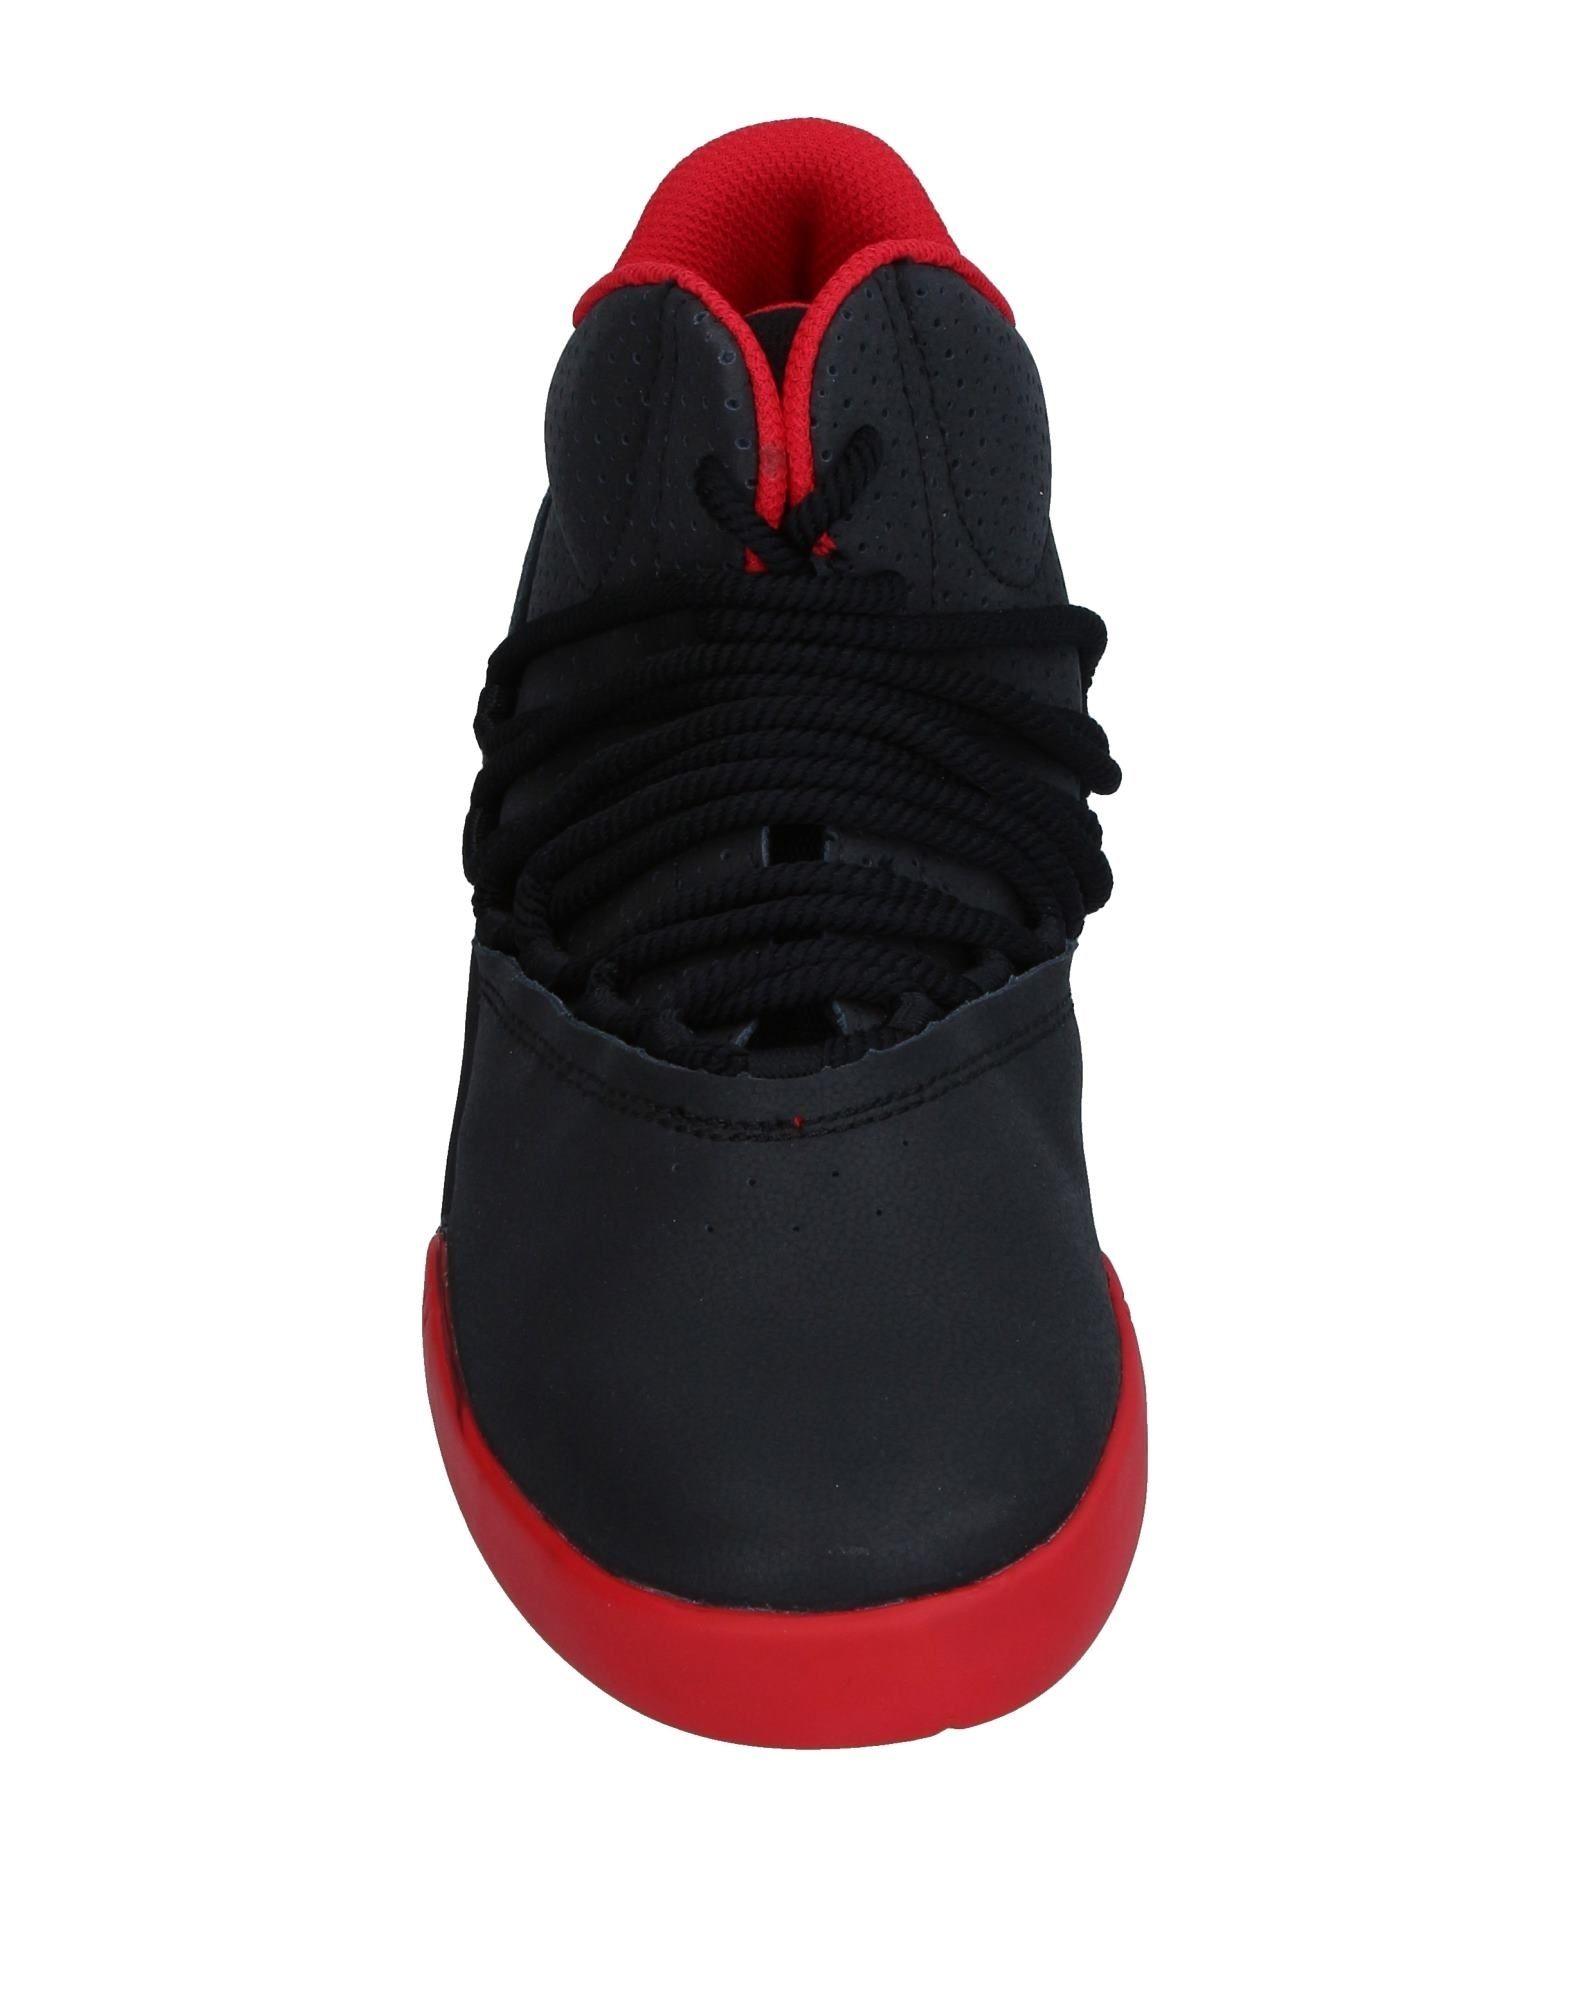 Rabatt Herren echte Schuhe Supra Sneakers Herren Rabatt  11331153WF 100576